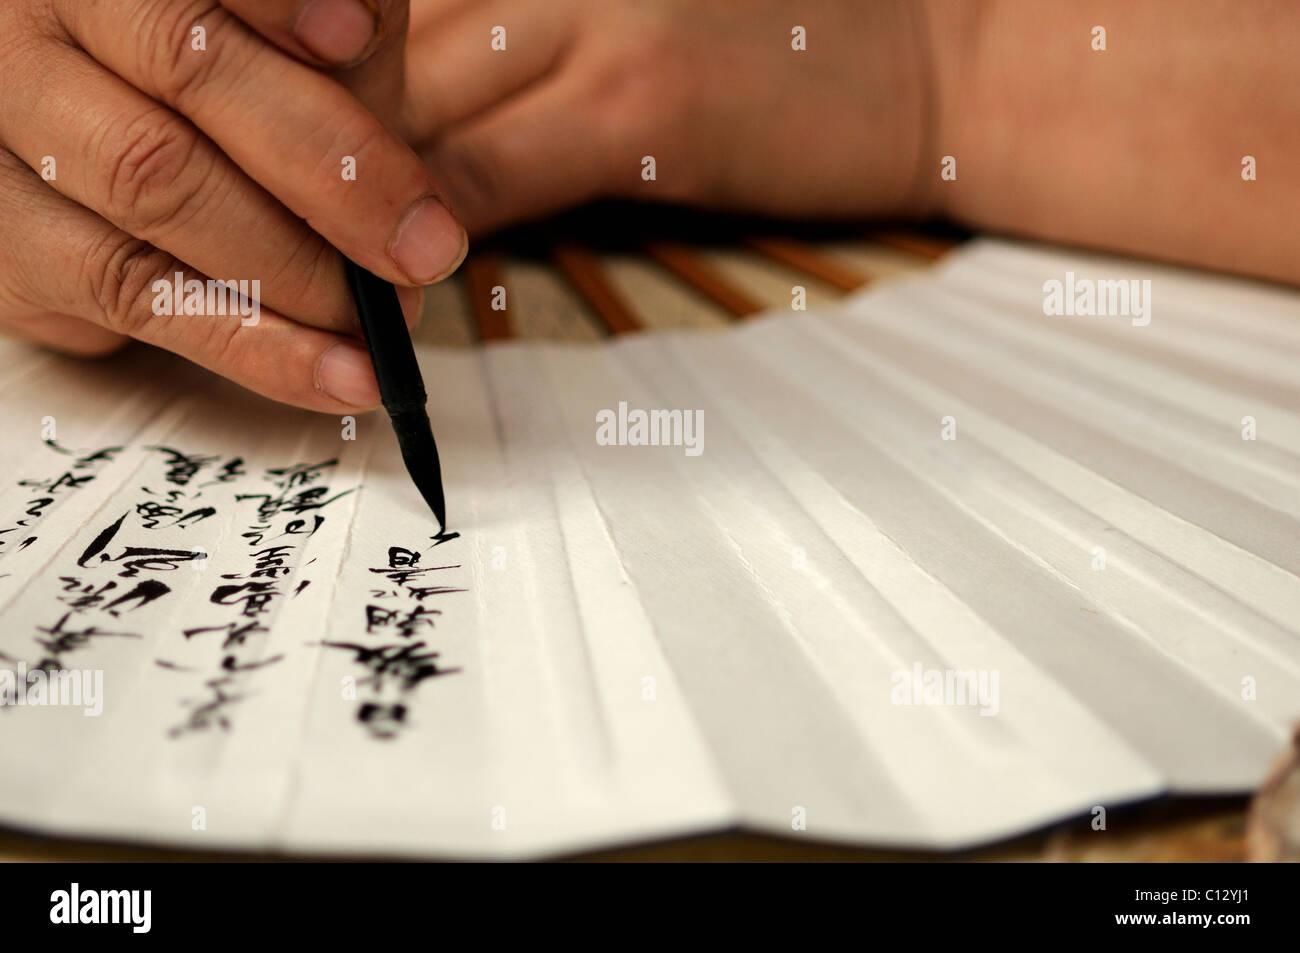 Artigiano ventola di pittura con i caratteri cinesi Immagini Stock